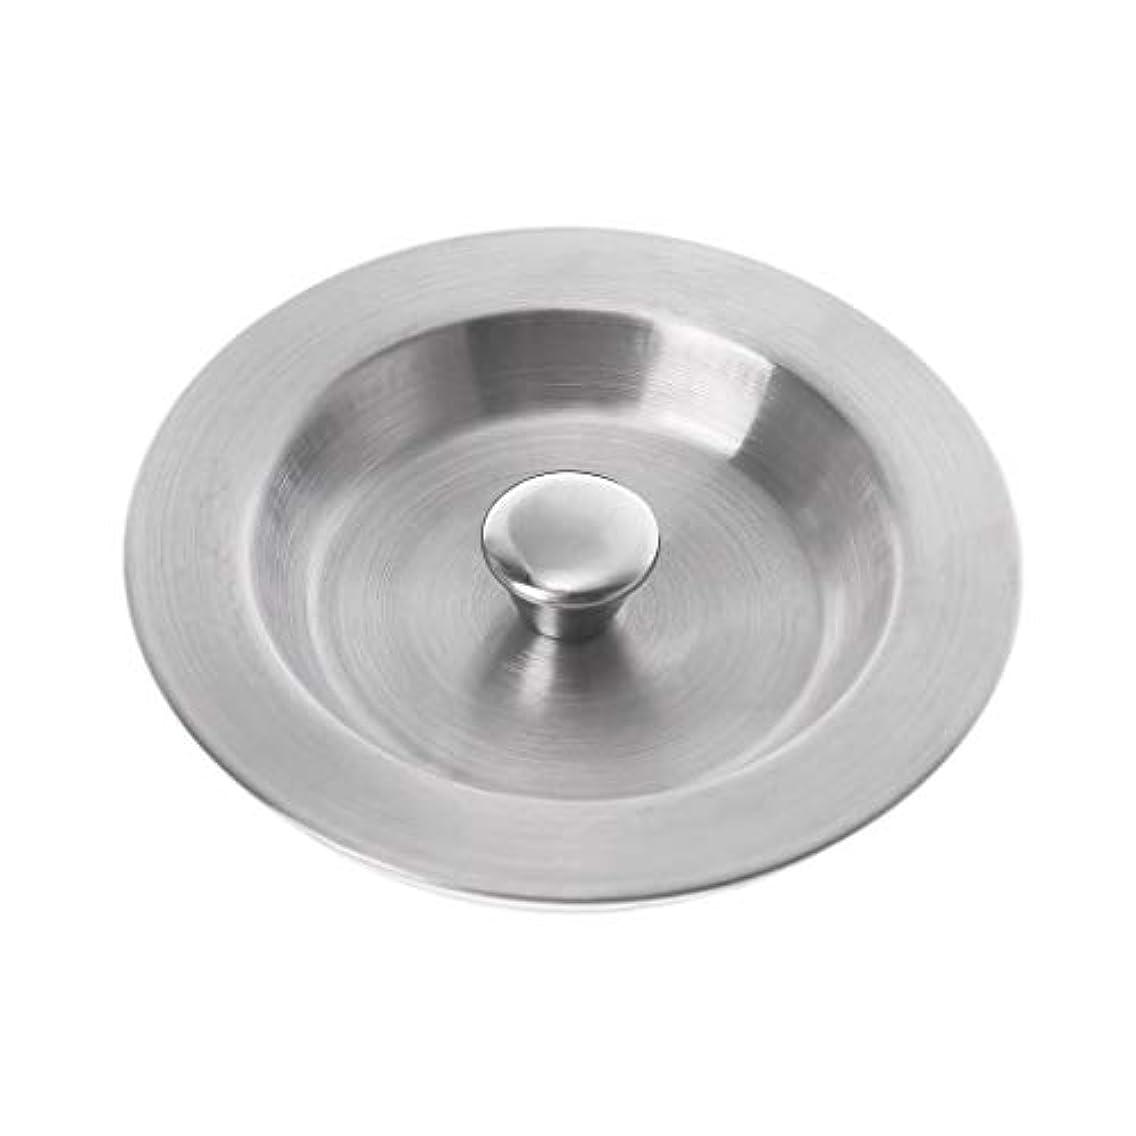 メッセンジャー欺くピストルLamdooキッチンステンレス鋼浴槽フィルターシンクフロアプラグランドリーバスルームウォーターストッパーキャップツール